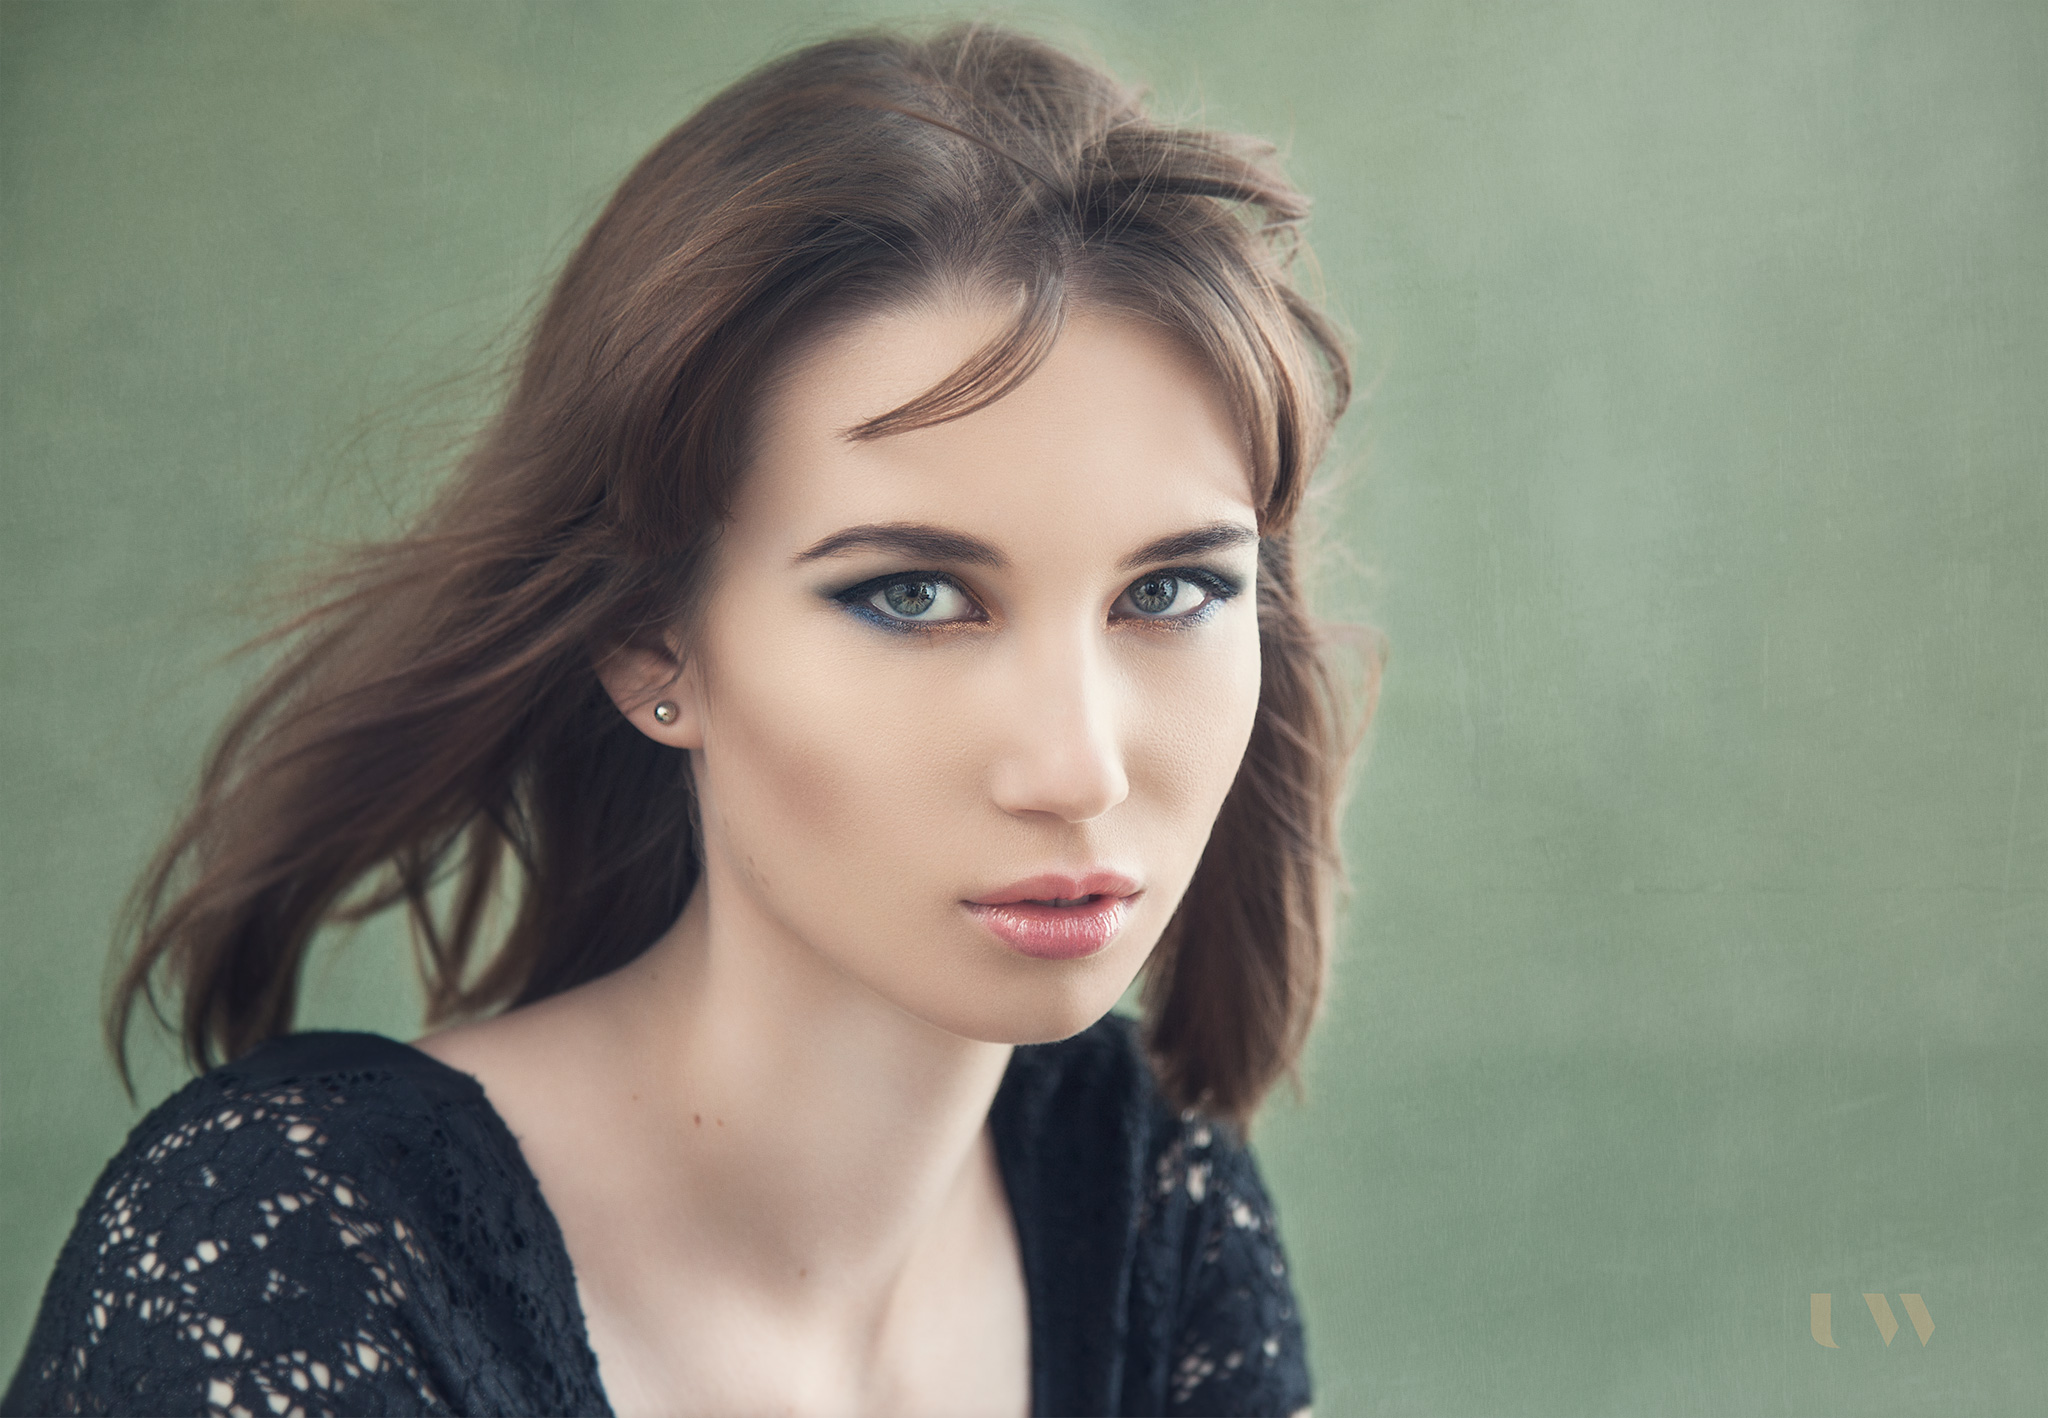 Zala_Zagoricnik_strong_Ulla_Wolk_portrait_4